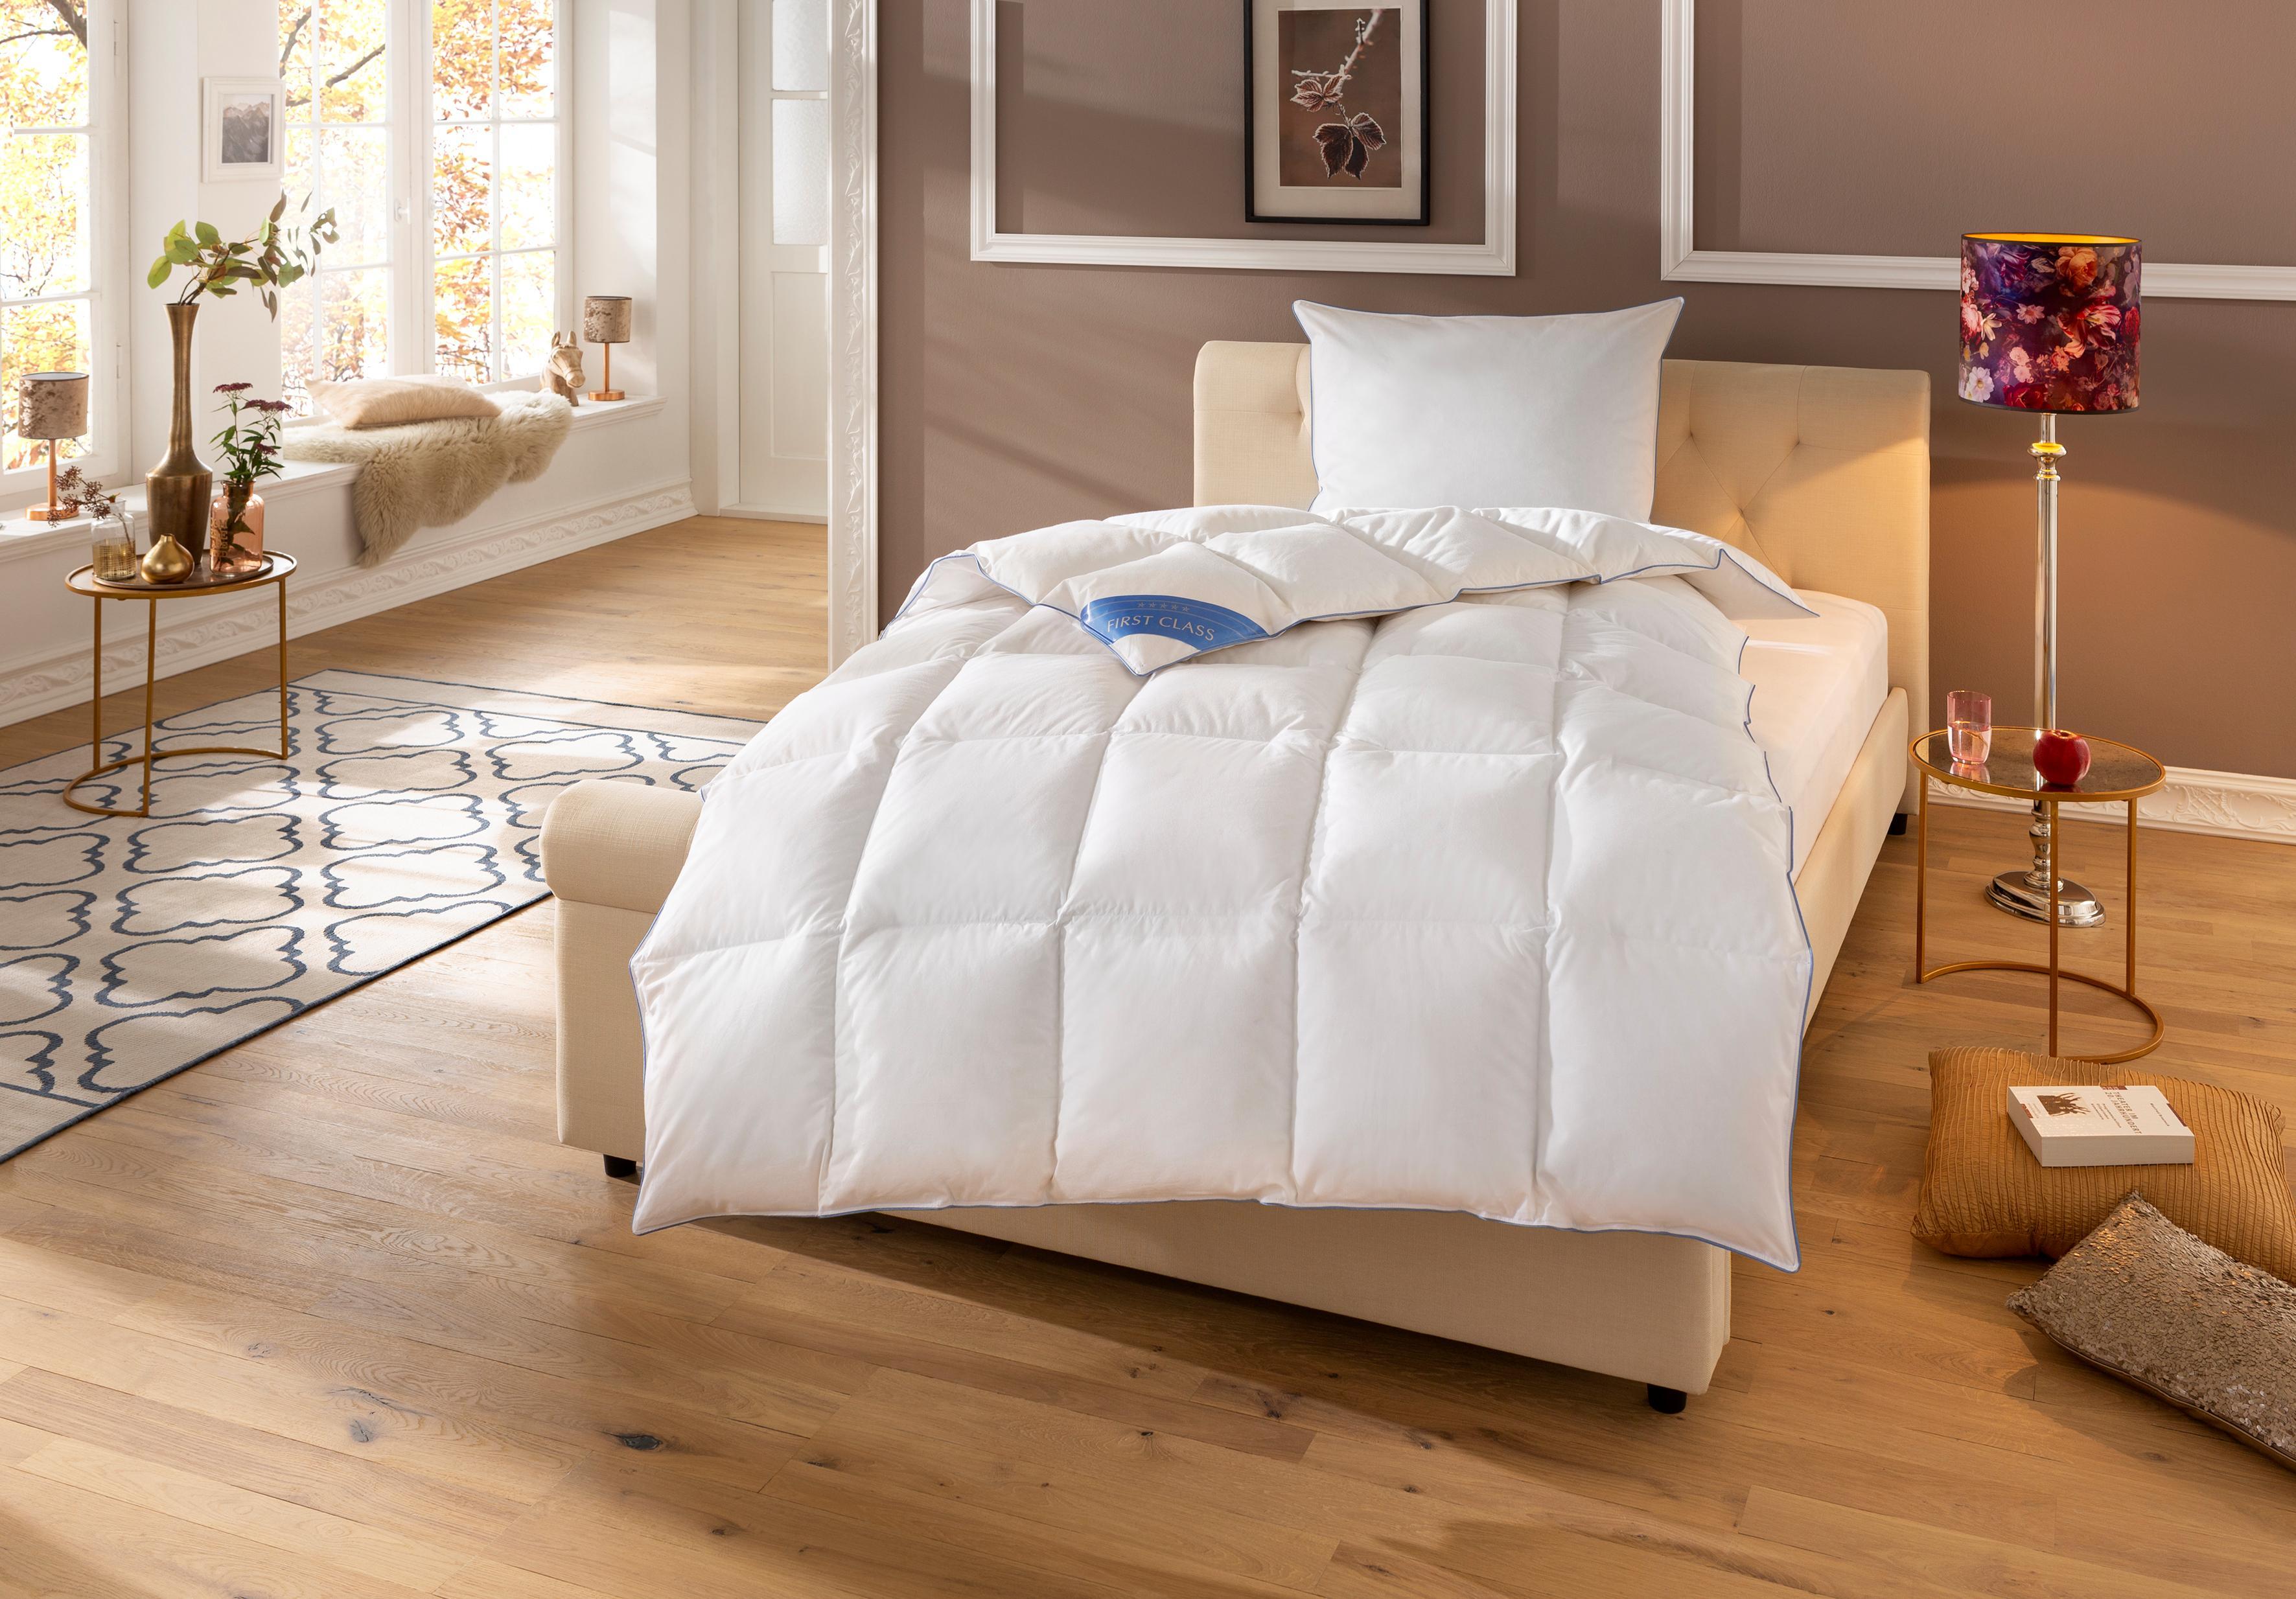 Daunenbettdecke Lina Hanse by RIBECO warm Füllung: 90% Daunen & 10% Federn Bezug: 100% Baumwolle